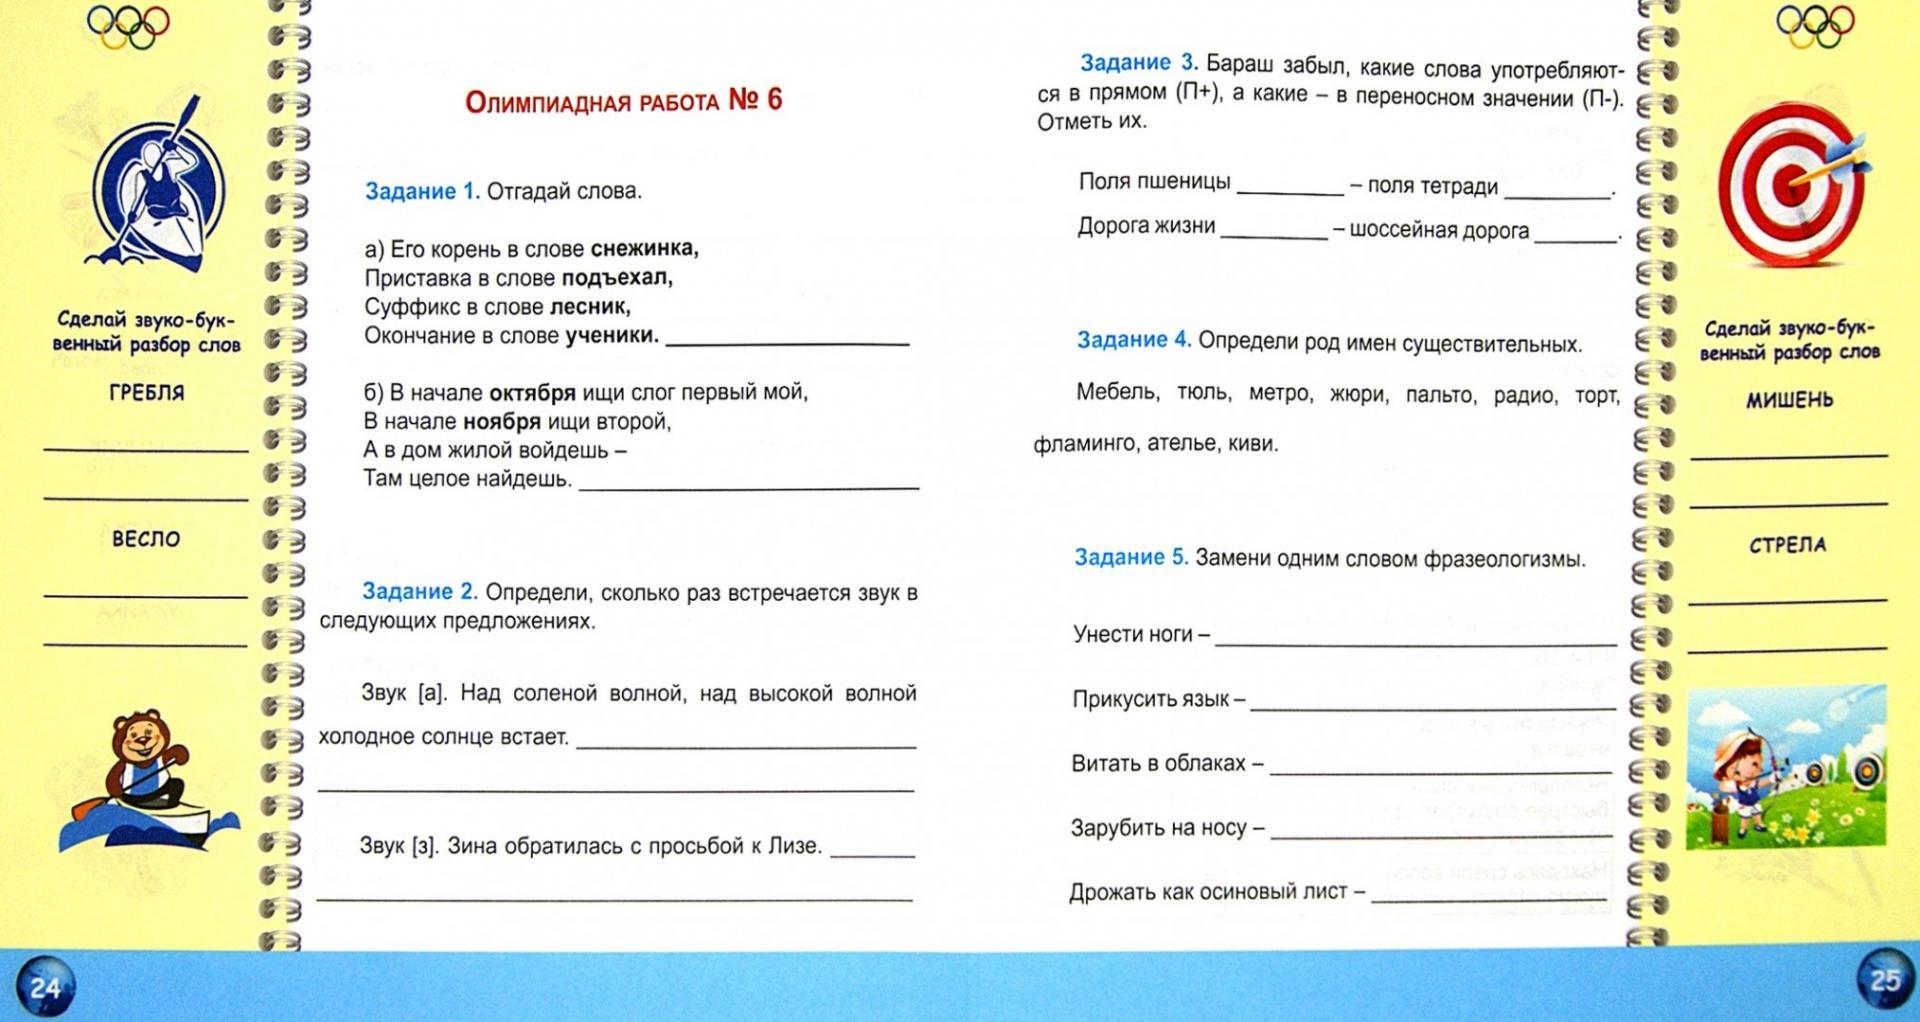 Иллюстрация 1 из 4 для Русский язык. 4 класс. Олимпиадная тетрадь. ФГОС - Светлана Казачкова   Лабиринт - книги. Источник: Лабиринт